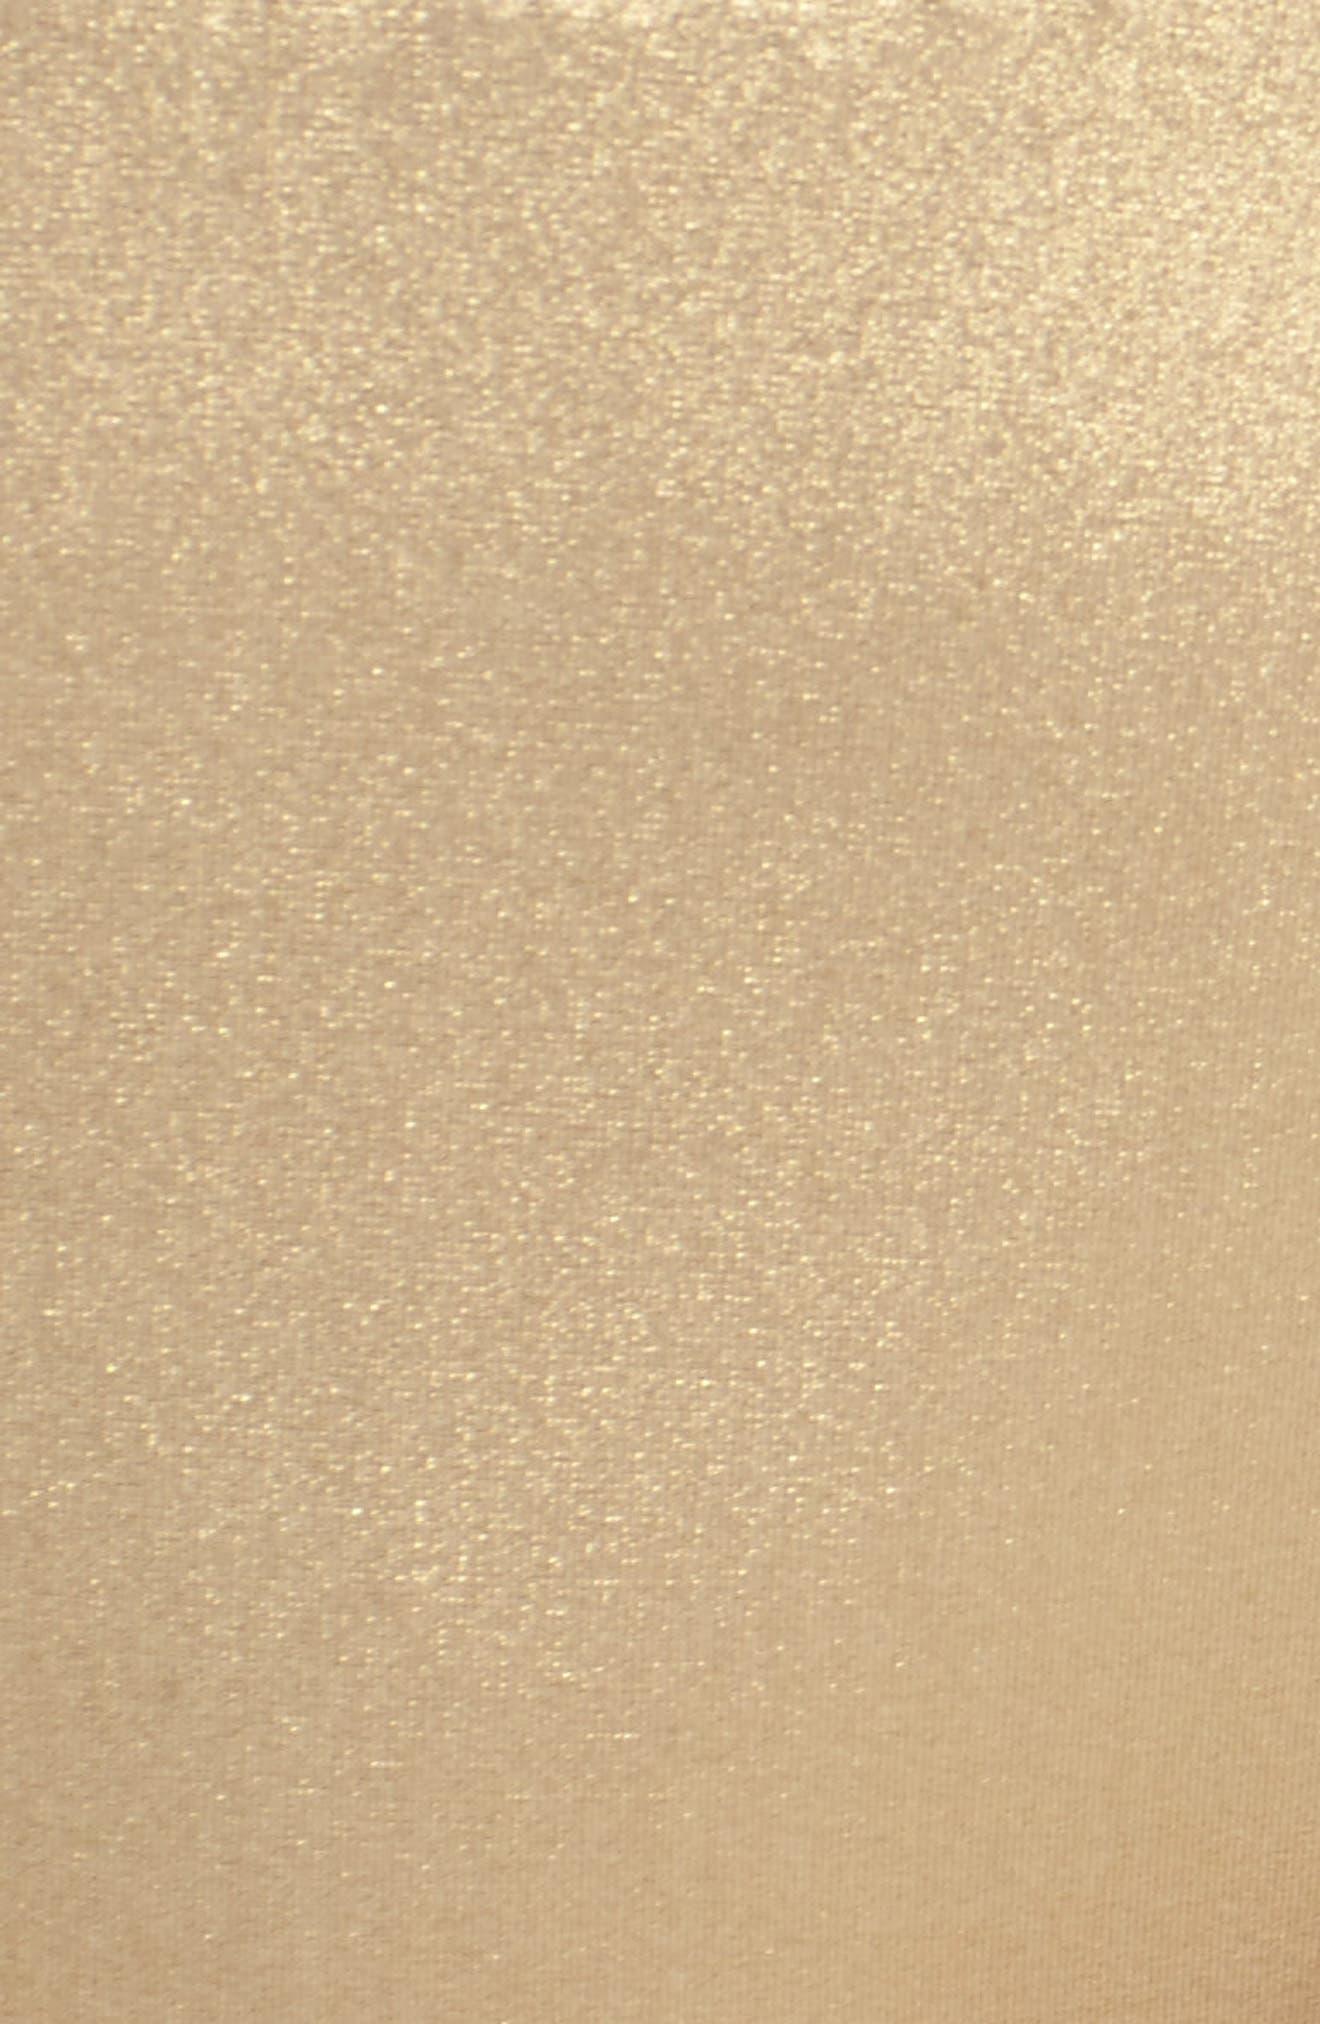 Golden Medallion Bikini Bottoms,                             Alternate thumbnail 5, color,                             710